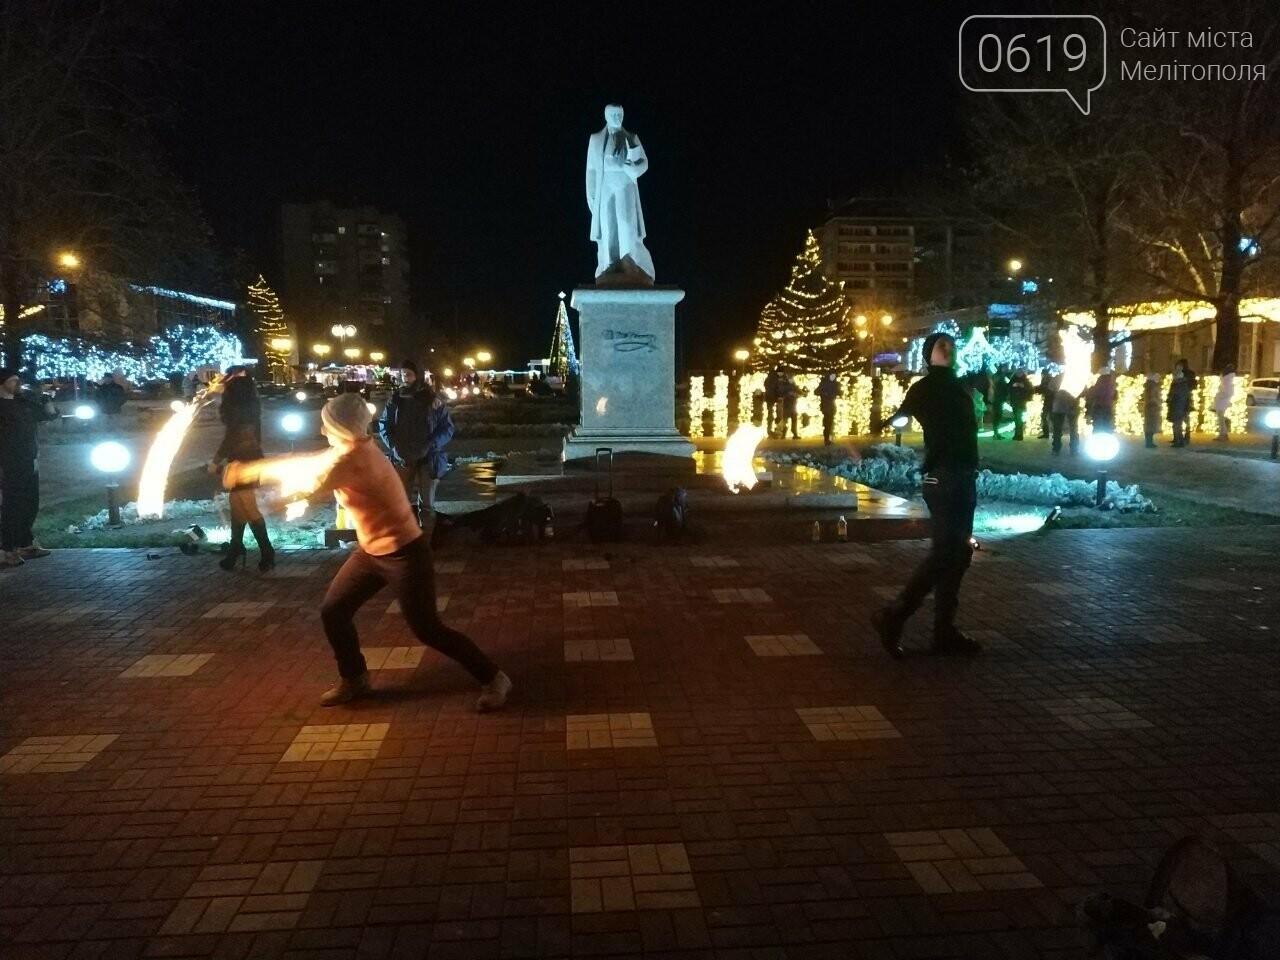 В центре Мелитополя устроили огненное шоу, фото-4, Фото сайта 0619